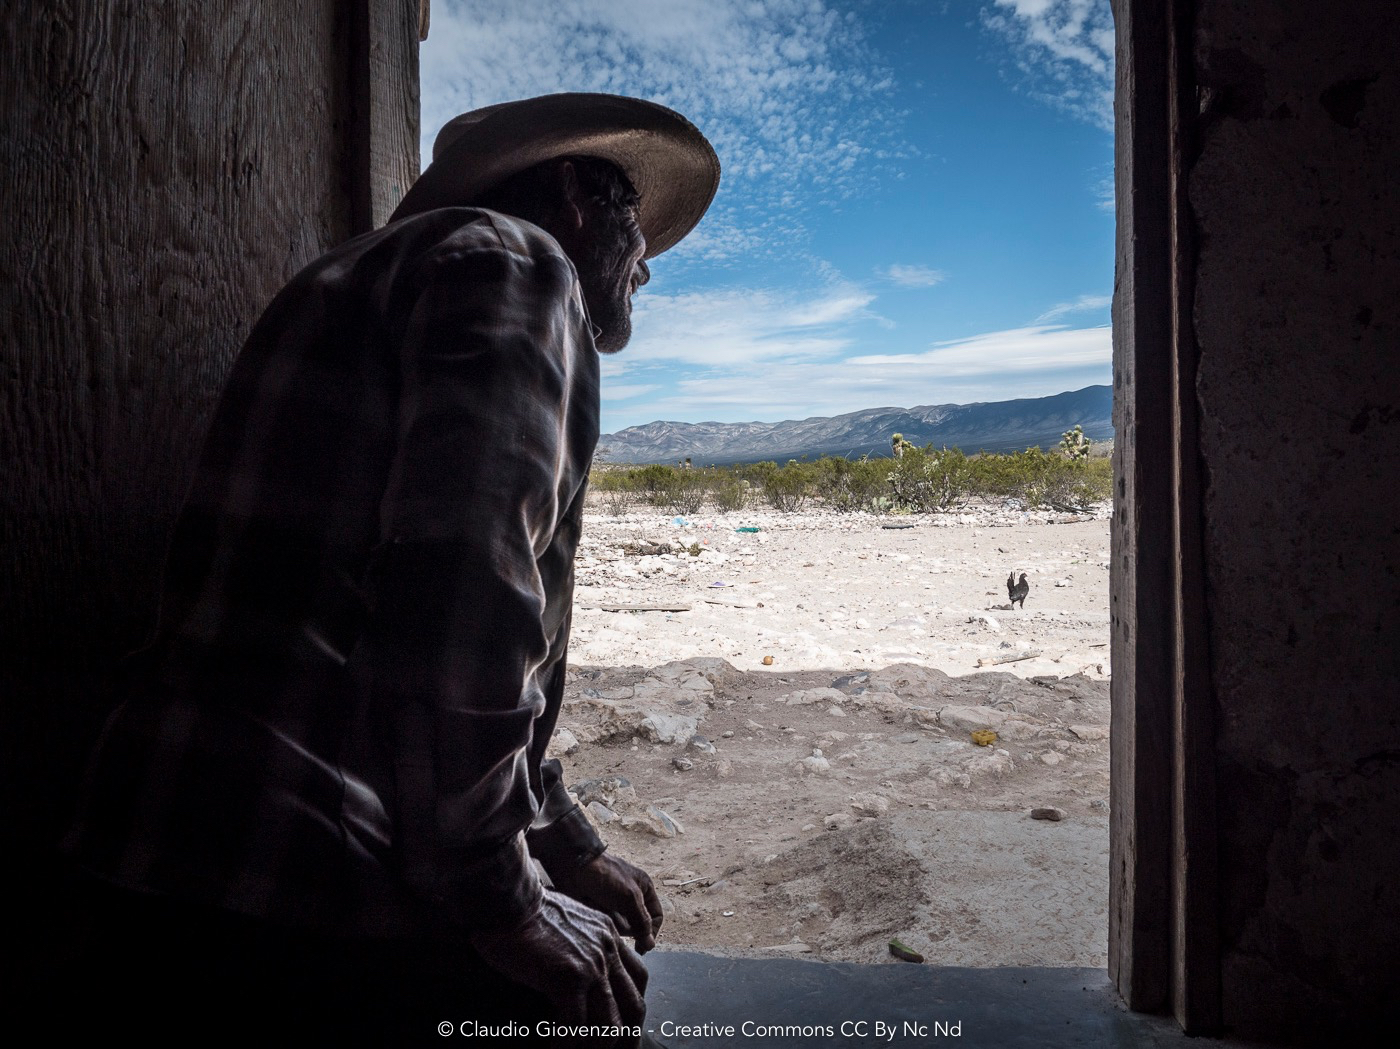 Un uomo che vive nel deserto del nord del Messico